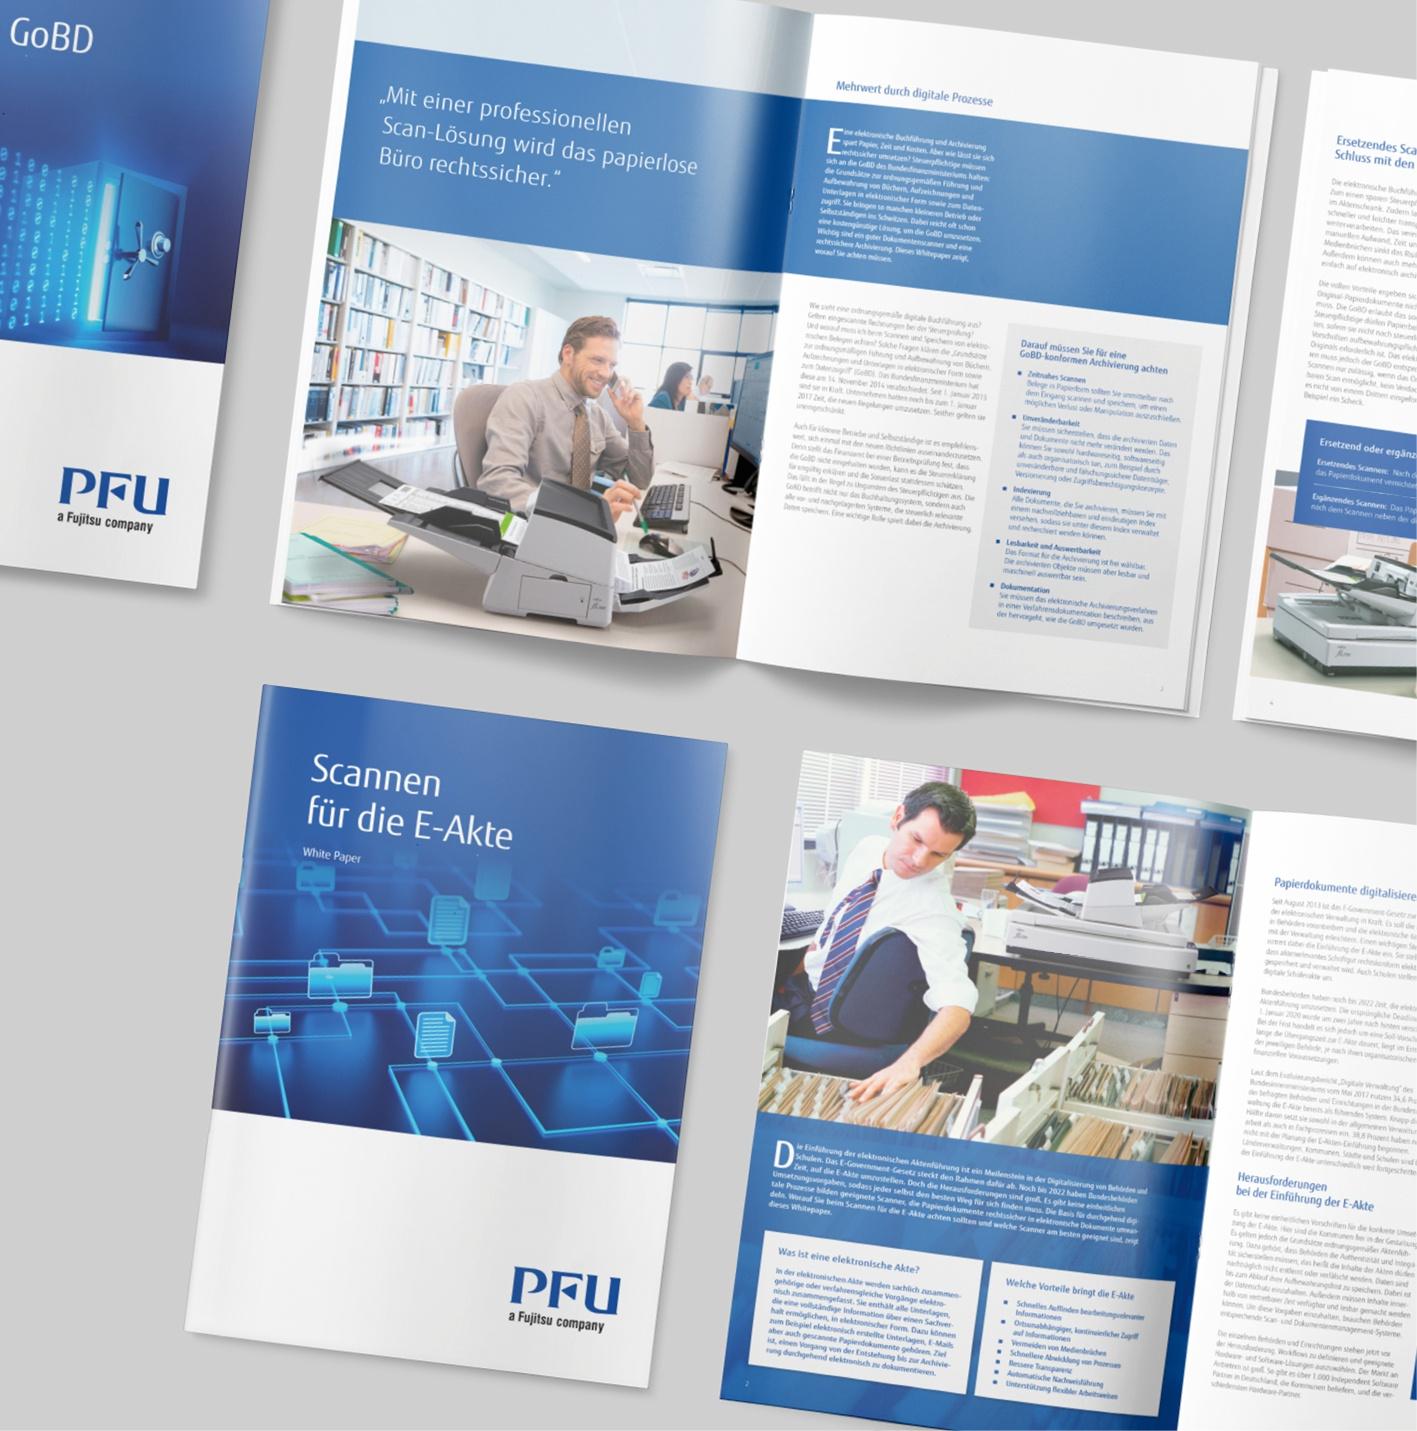 PFU a Fujitsu Company: Bildrecherche, Konzept, Broschüre, Design, Layout und Reinzeichnung. Sprachadaptionen in bis zu 4 Sprachen